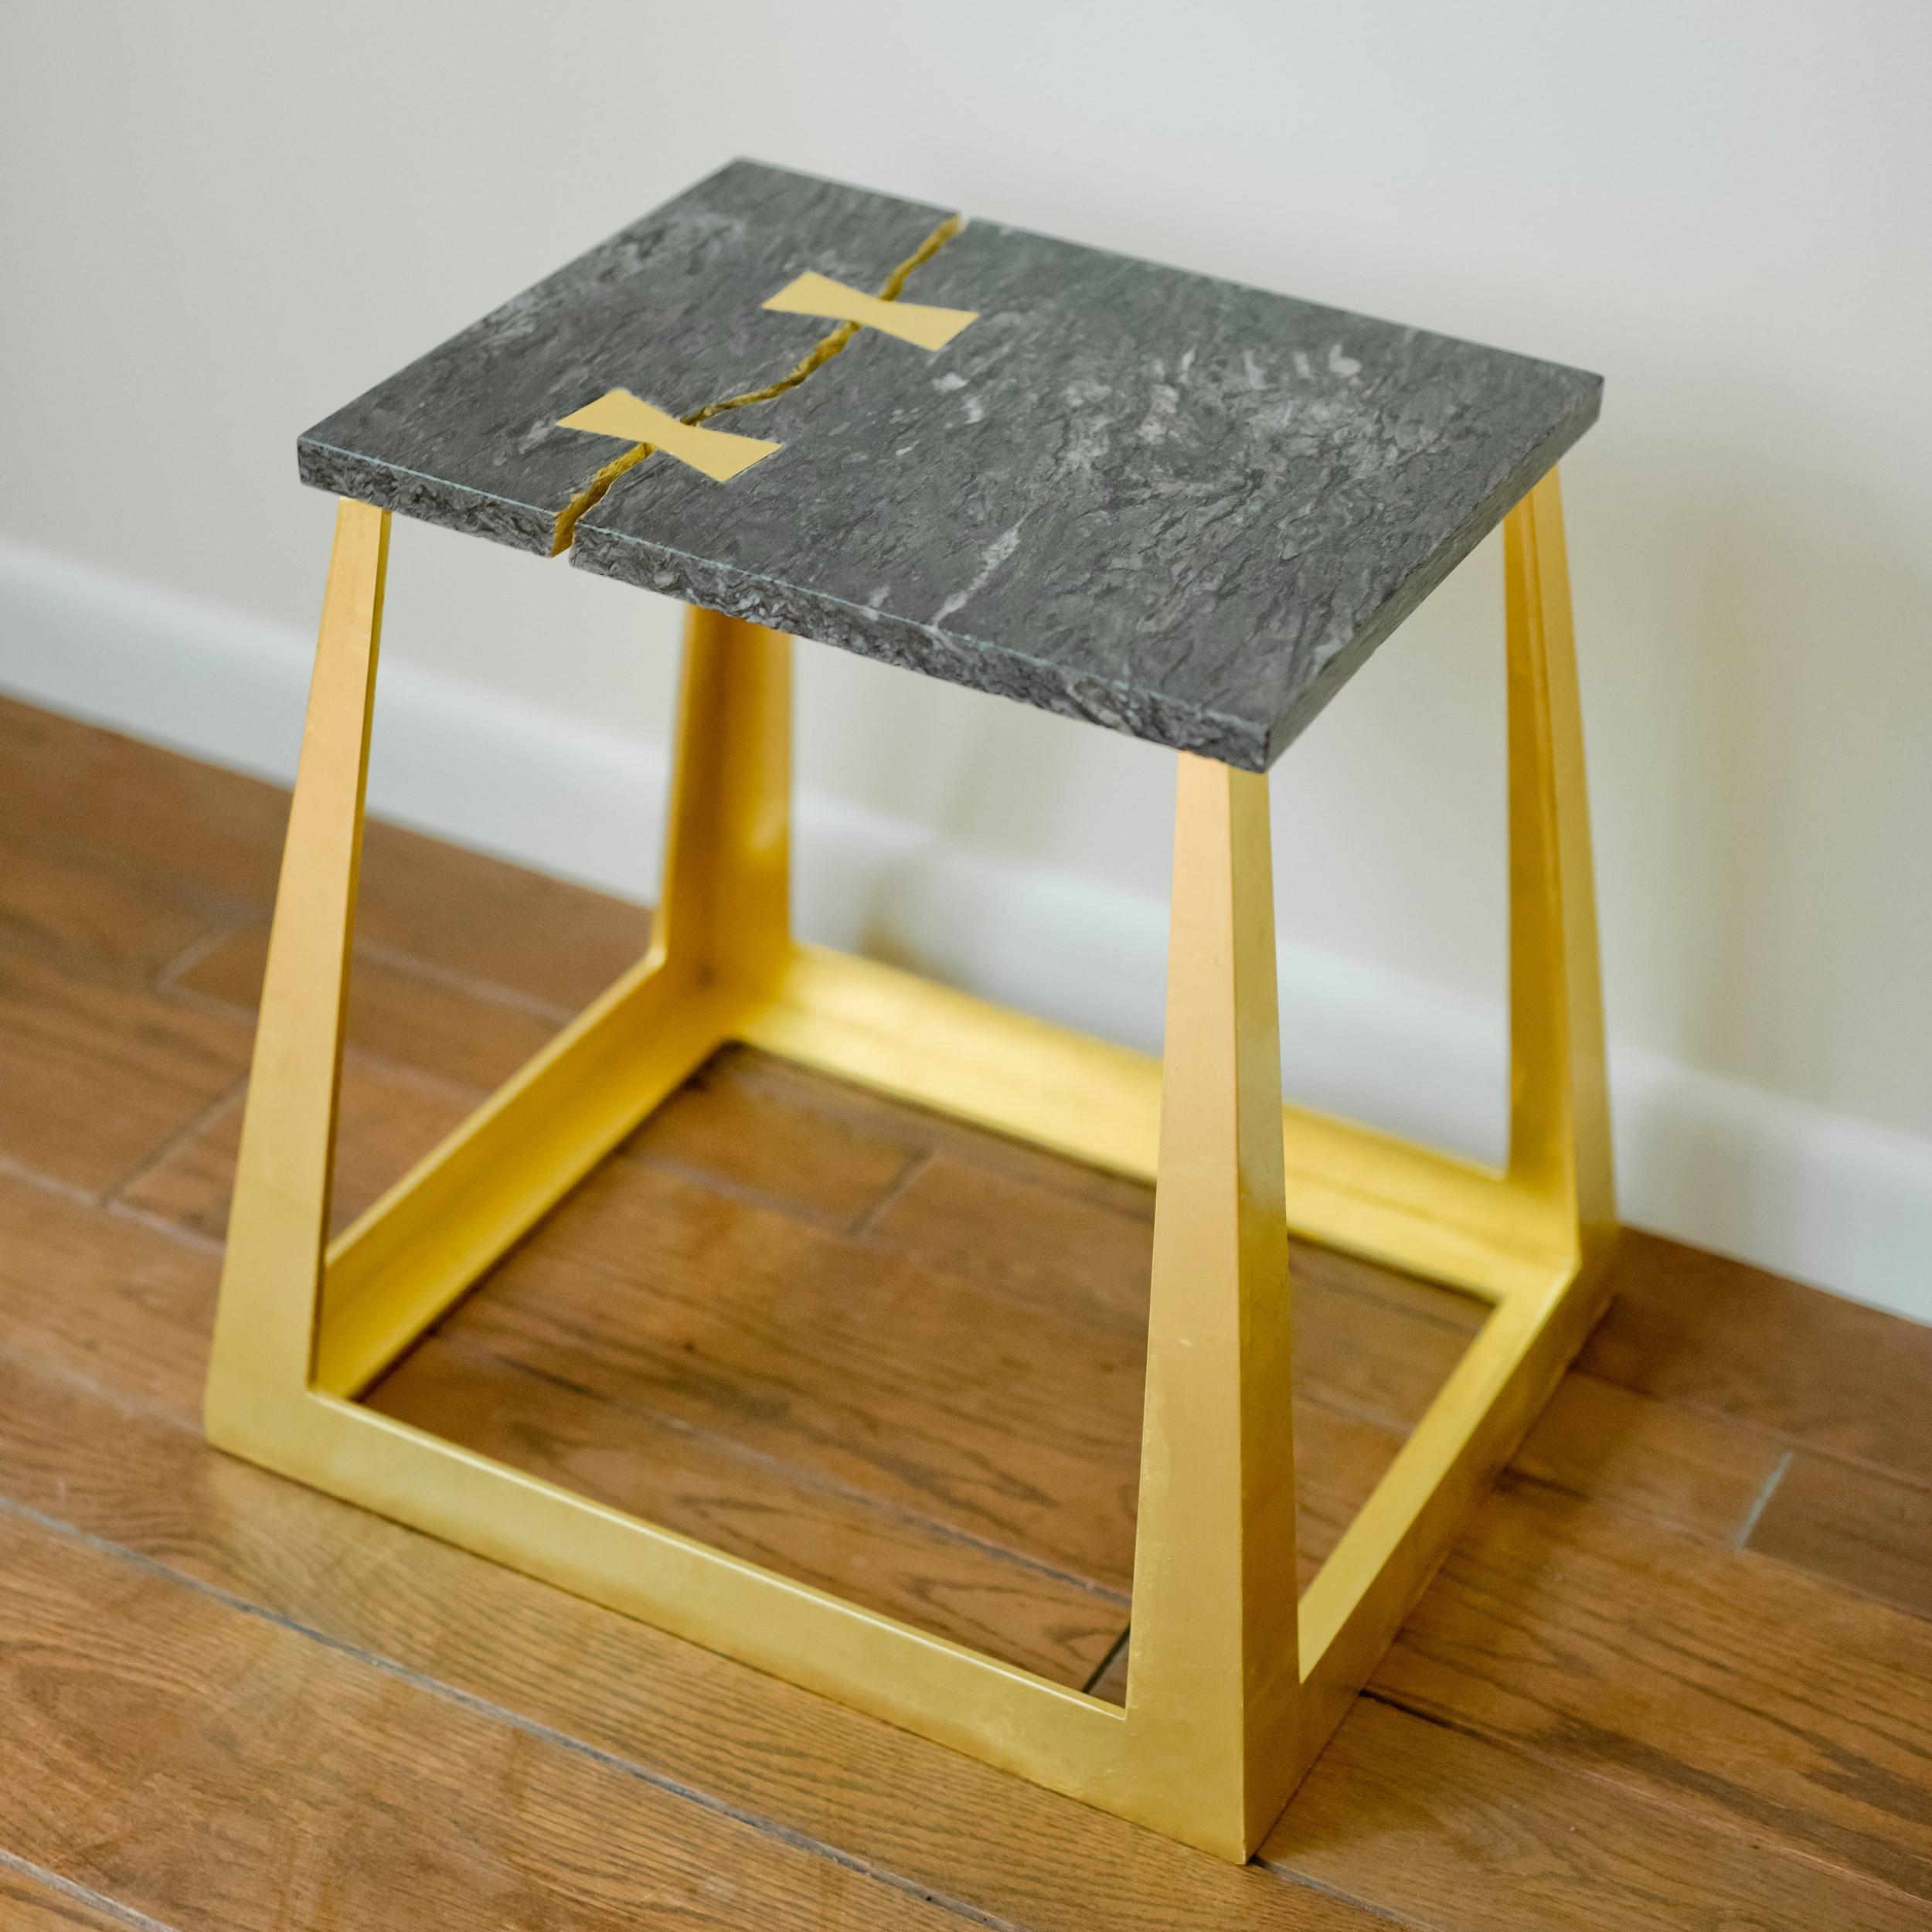 GREAT JONES SIDE TABLE 2 -